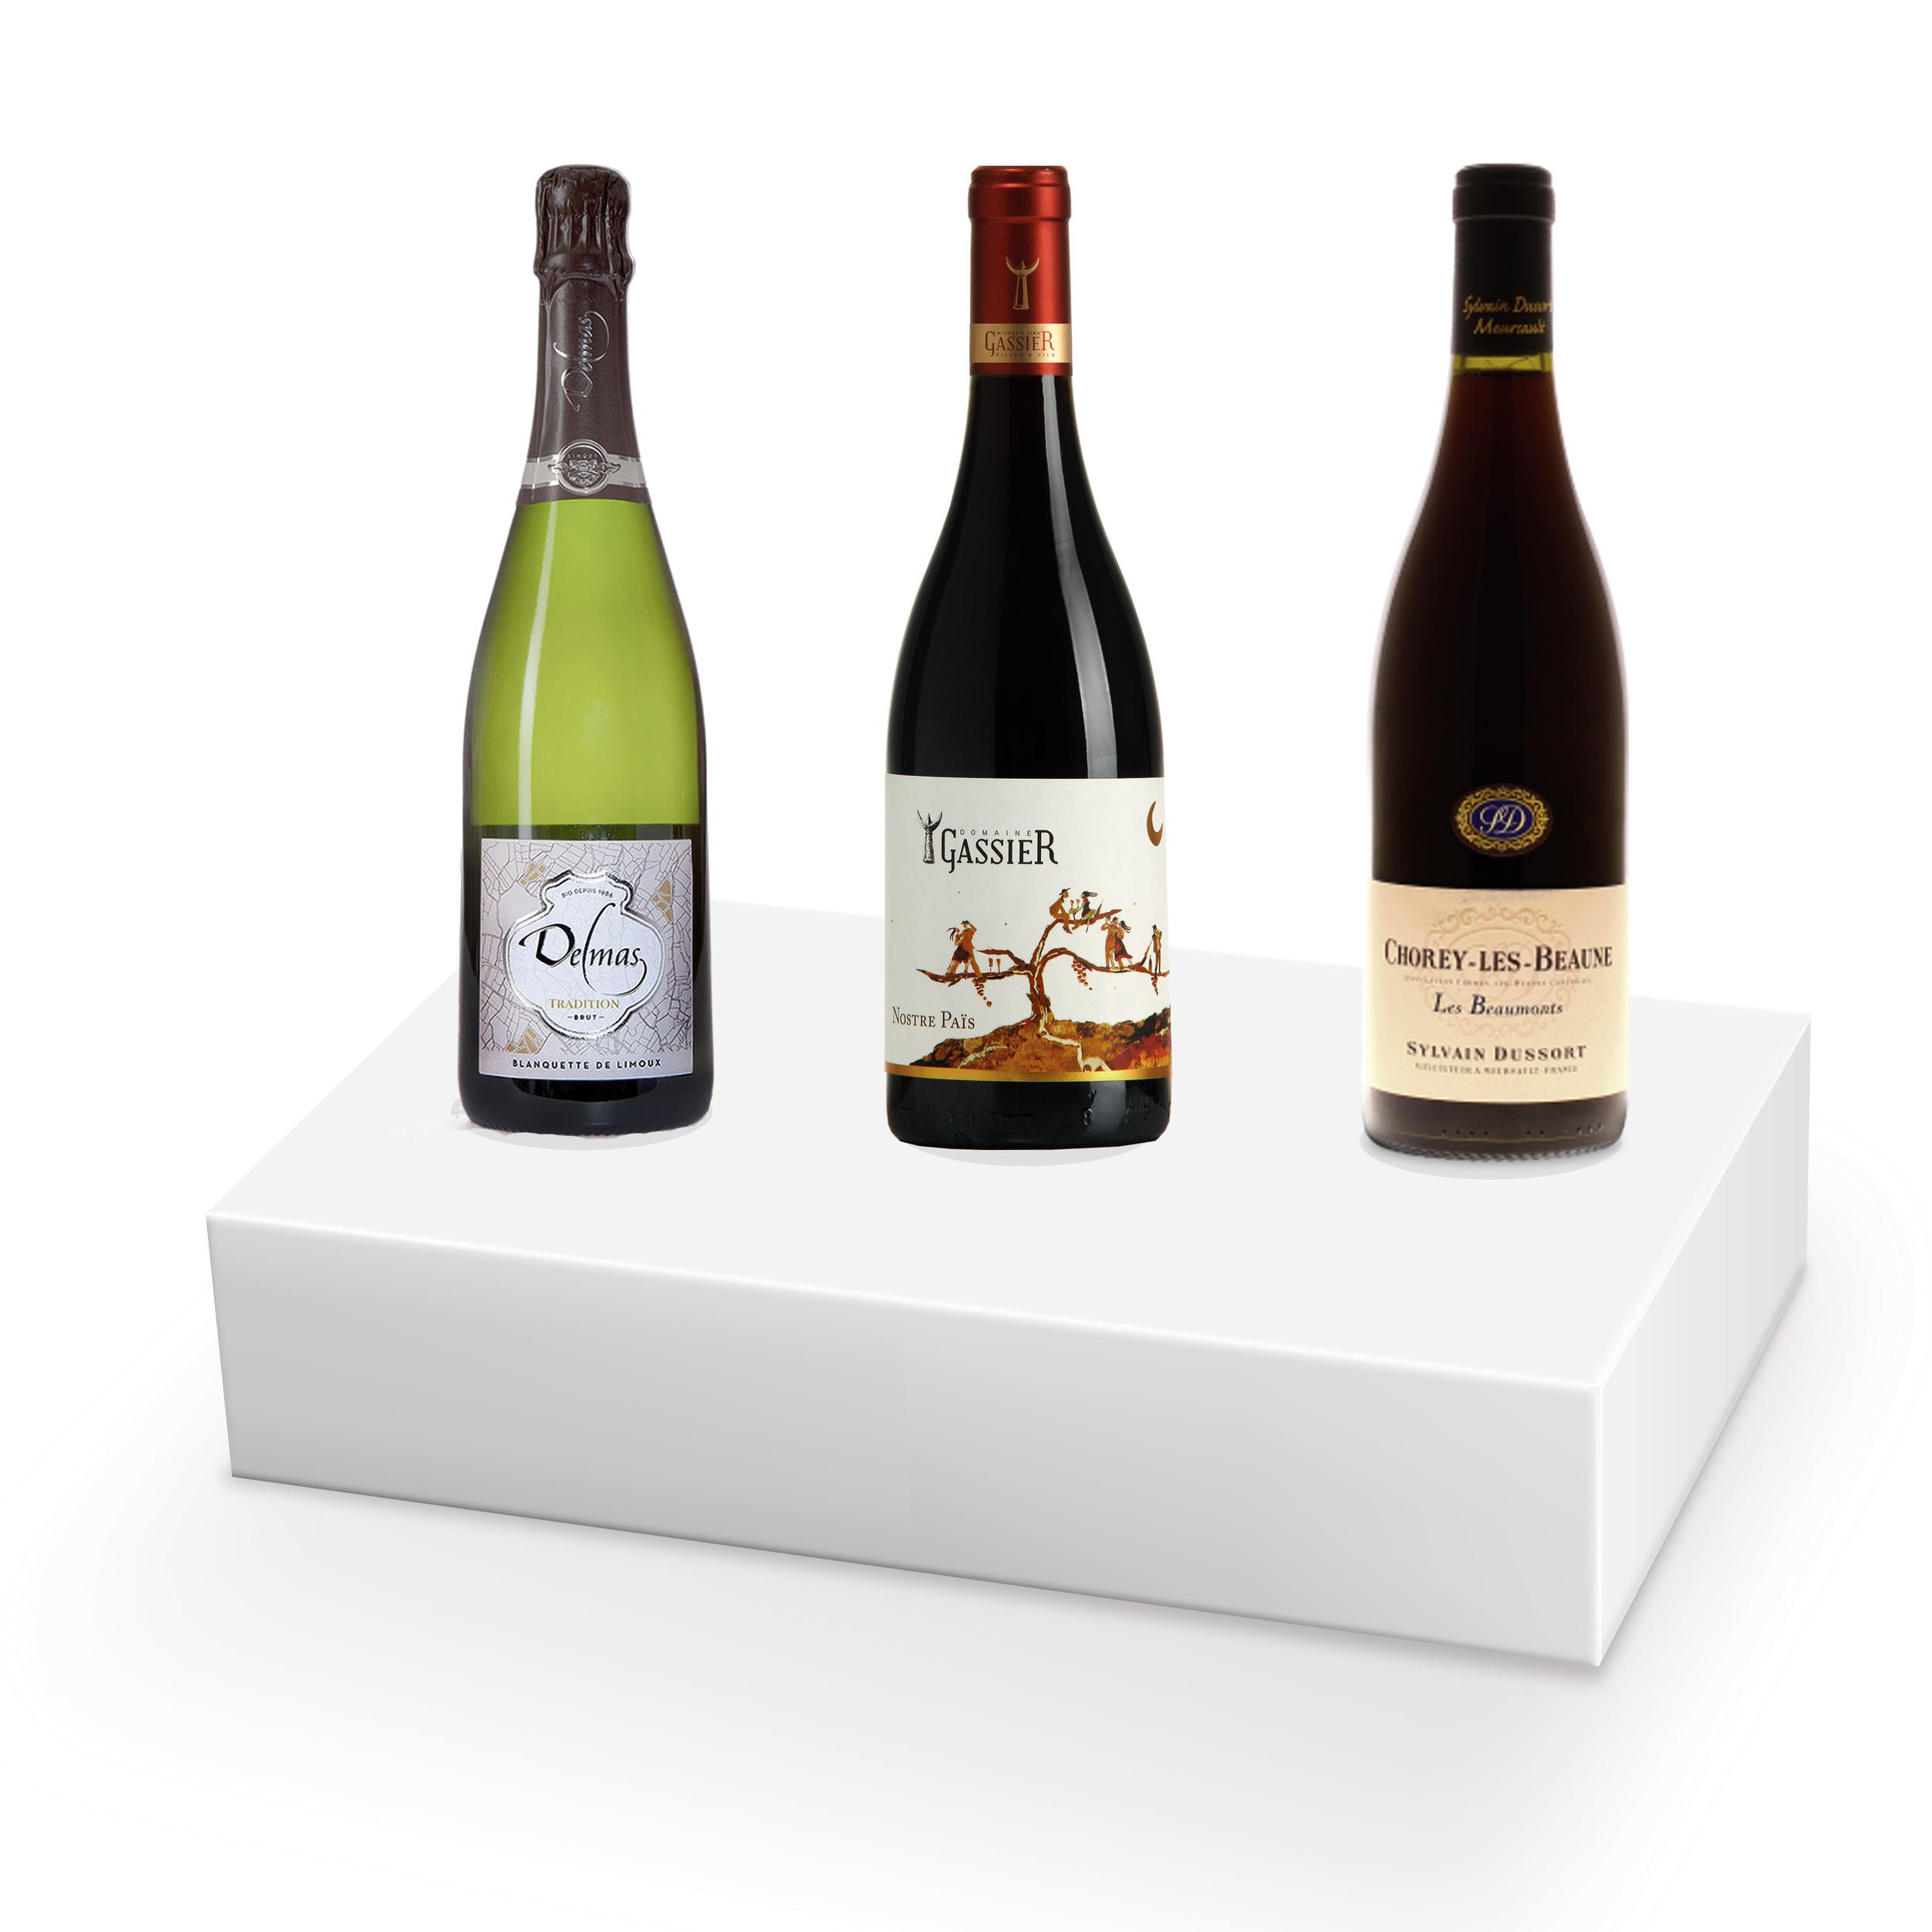 Coffret vins pour fondue bourguignonne - 3 bouteilles - N°1